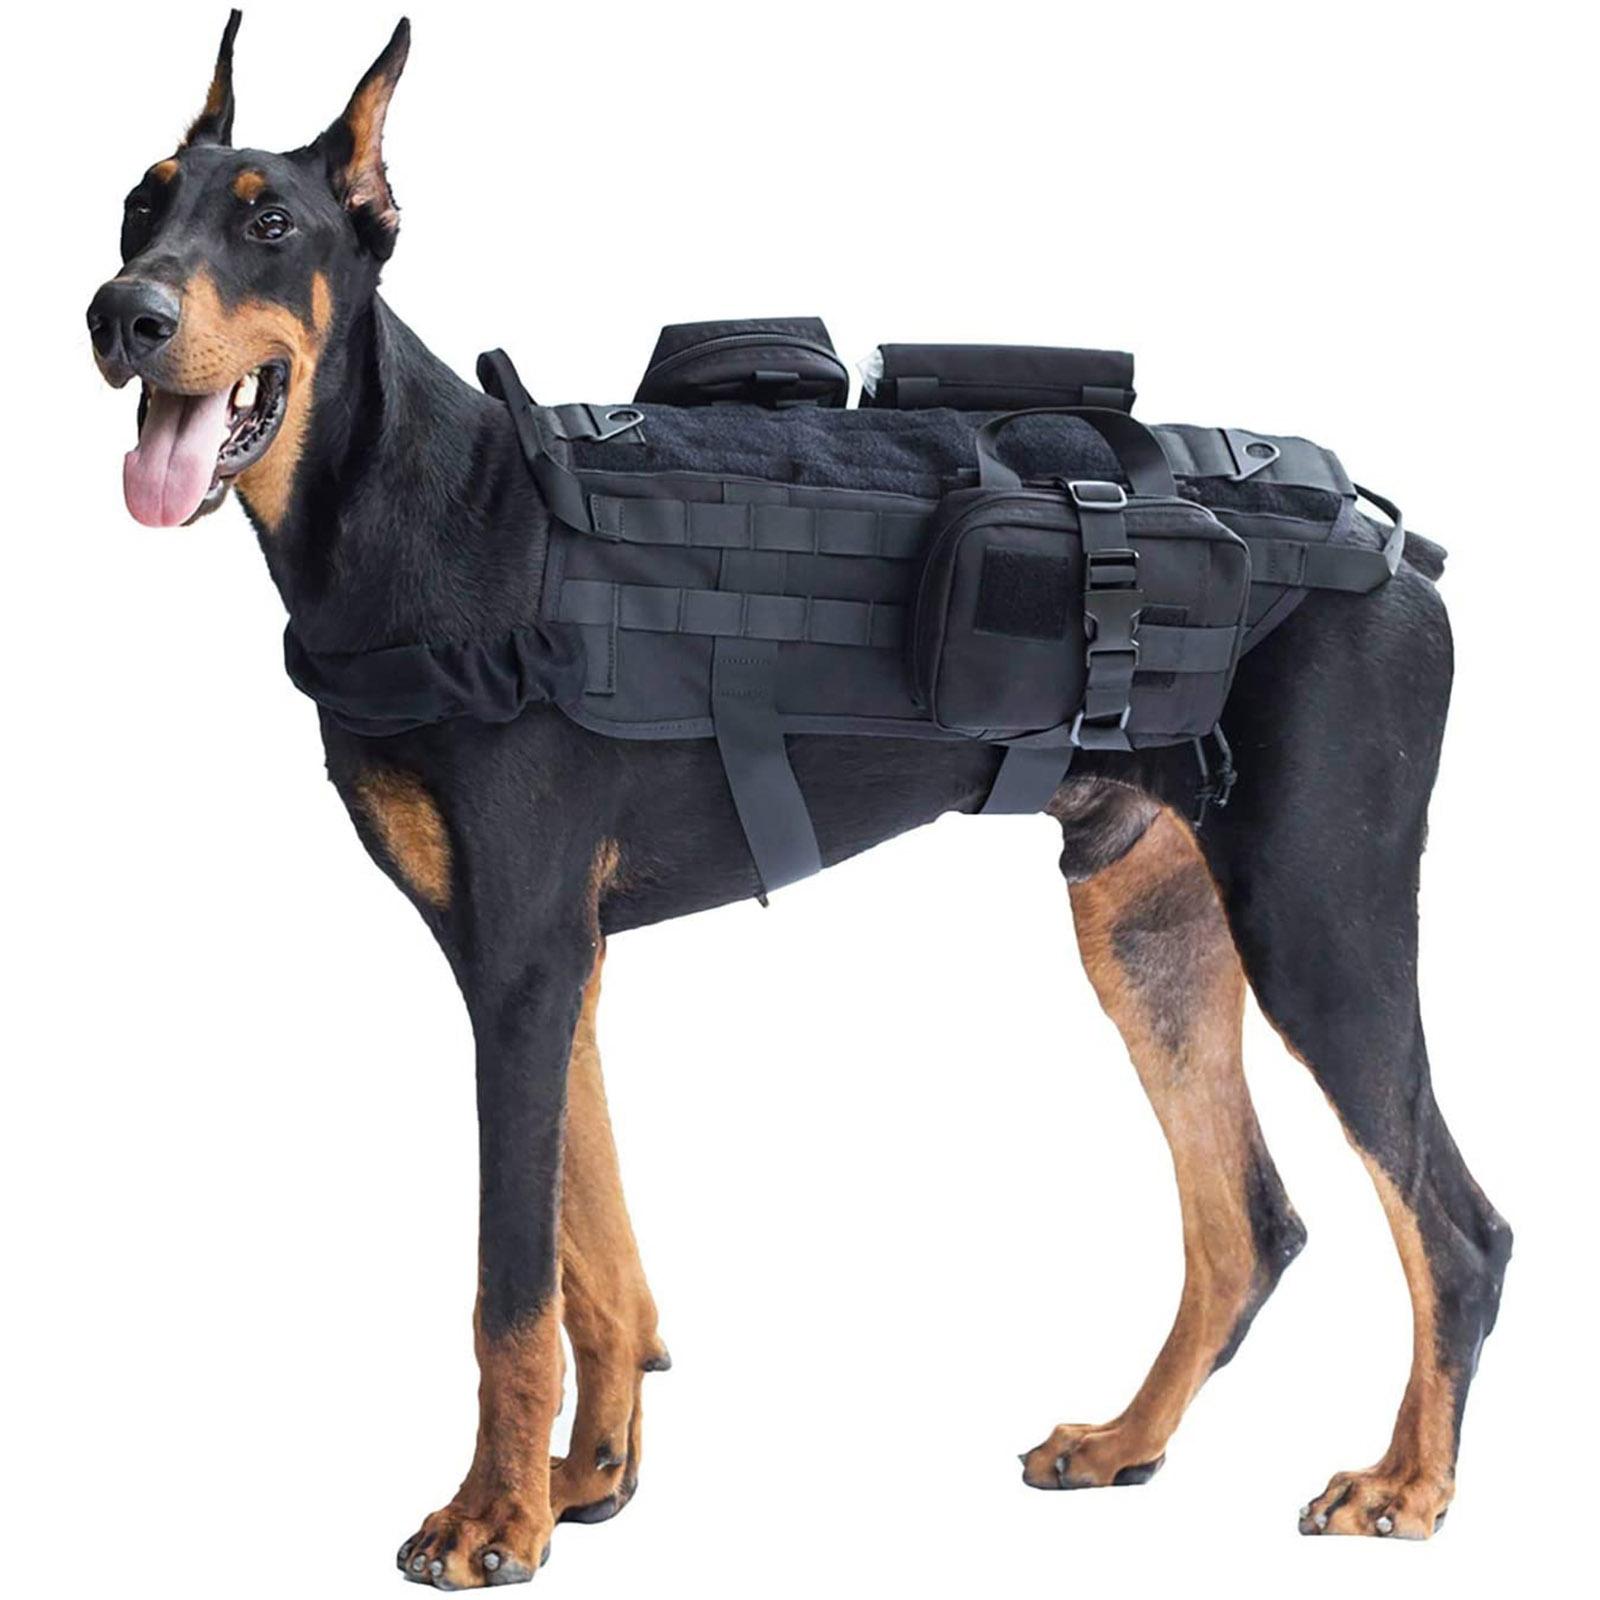 Снаряжение для тренировки собак – разгрузочные жилеты с системой Molle